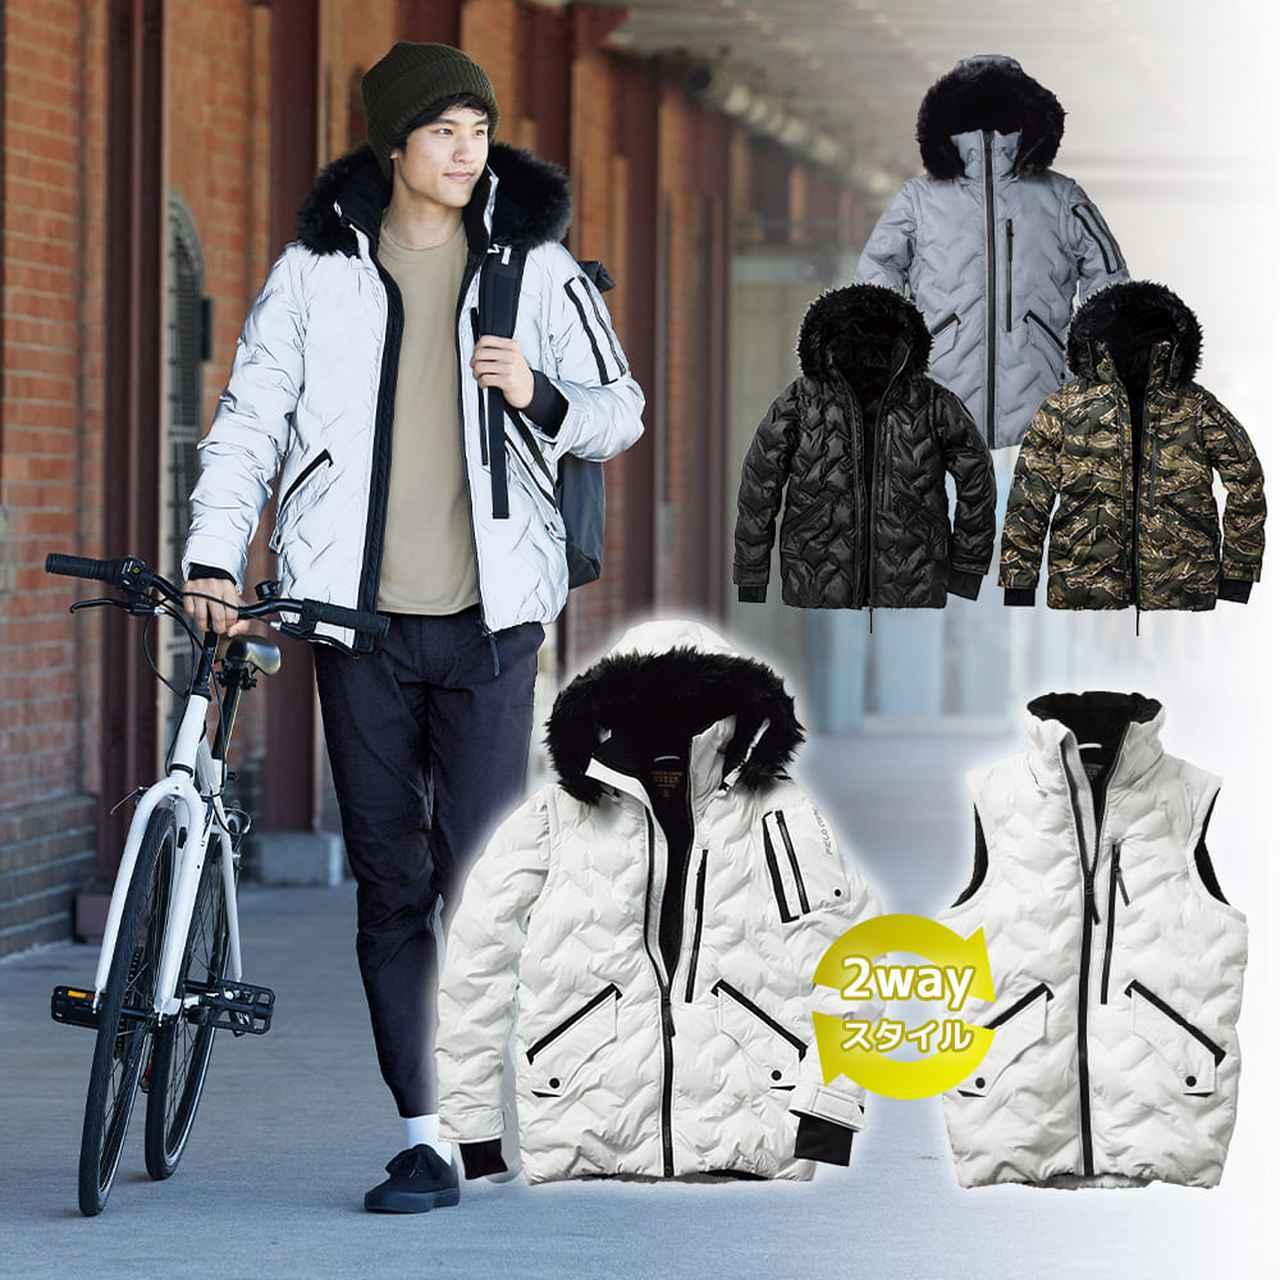 画像3: 【公認ワークマン女子サリー】今冬もまだ間に合う! オンラインで在庫がある、おすすめ防寒ウェア6選を紹介